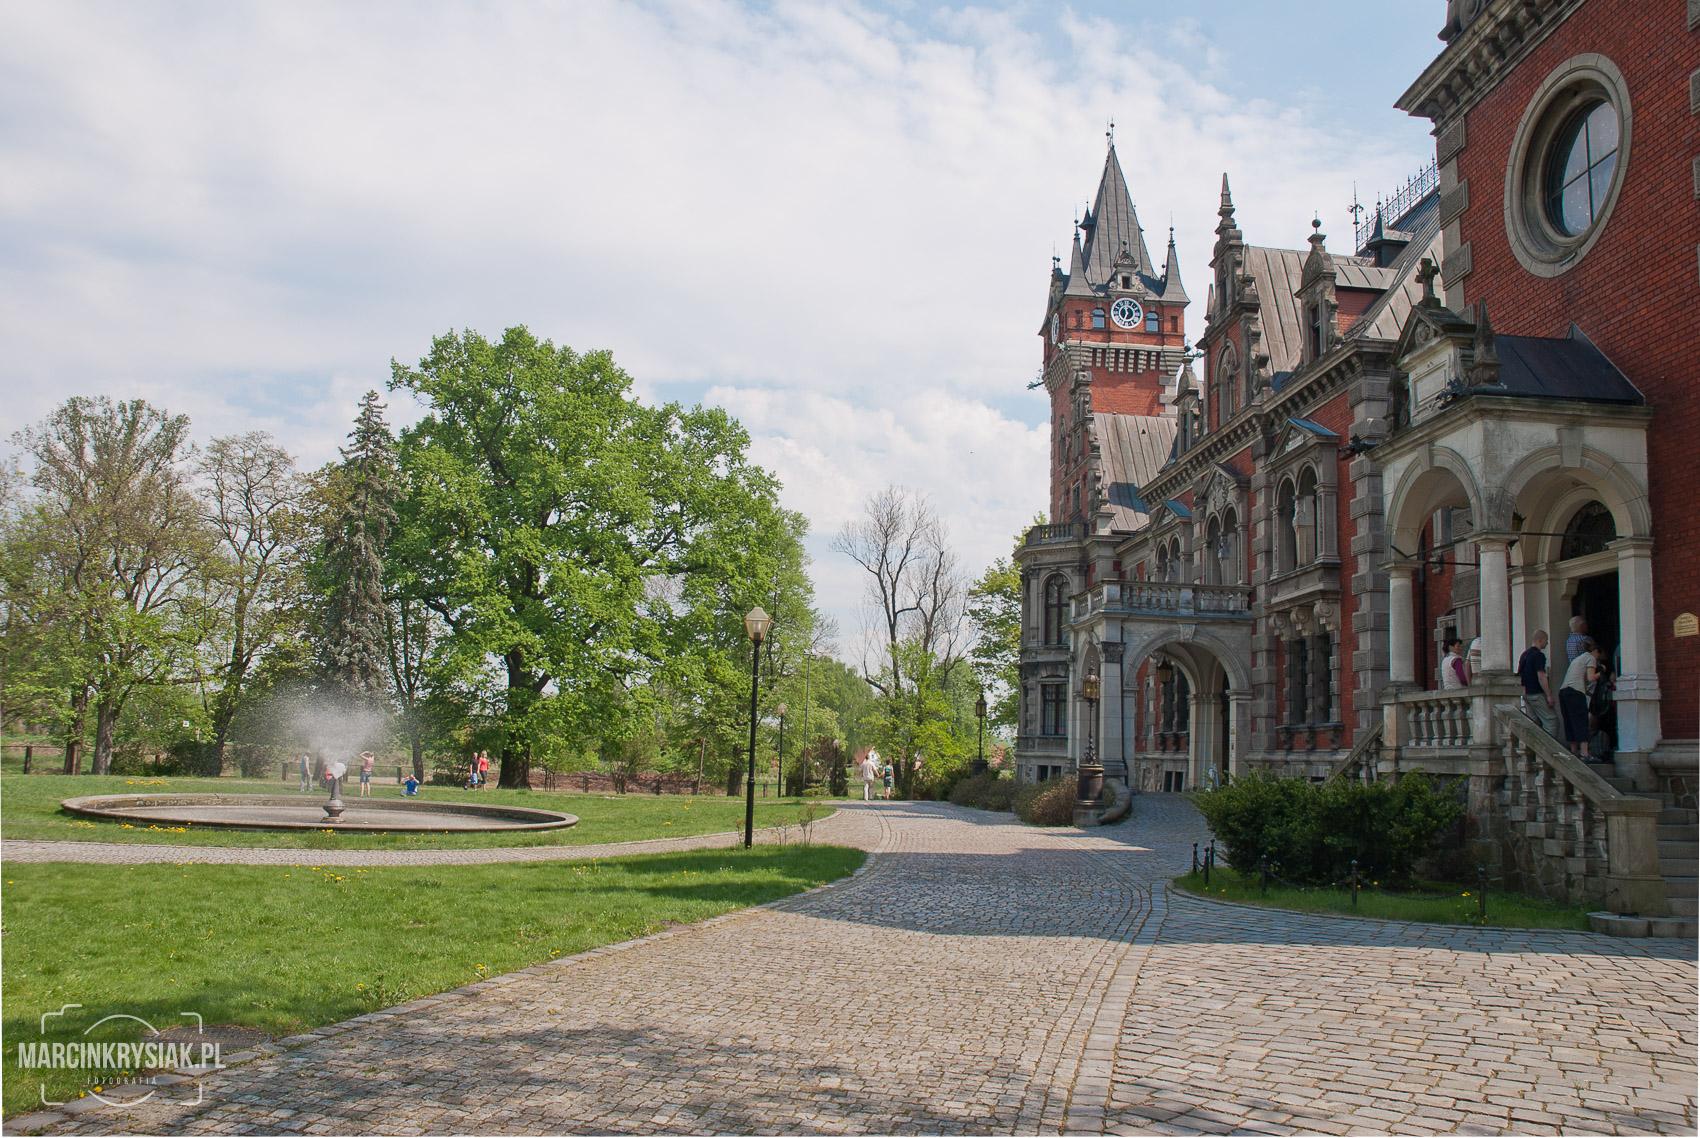 Zespó³ pa³acowo-parkowy w P³awniowicach, od strony wej¶cia, fontanna